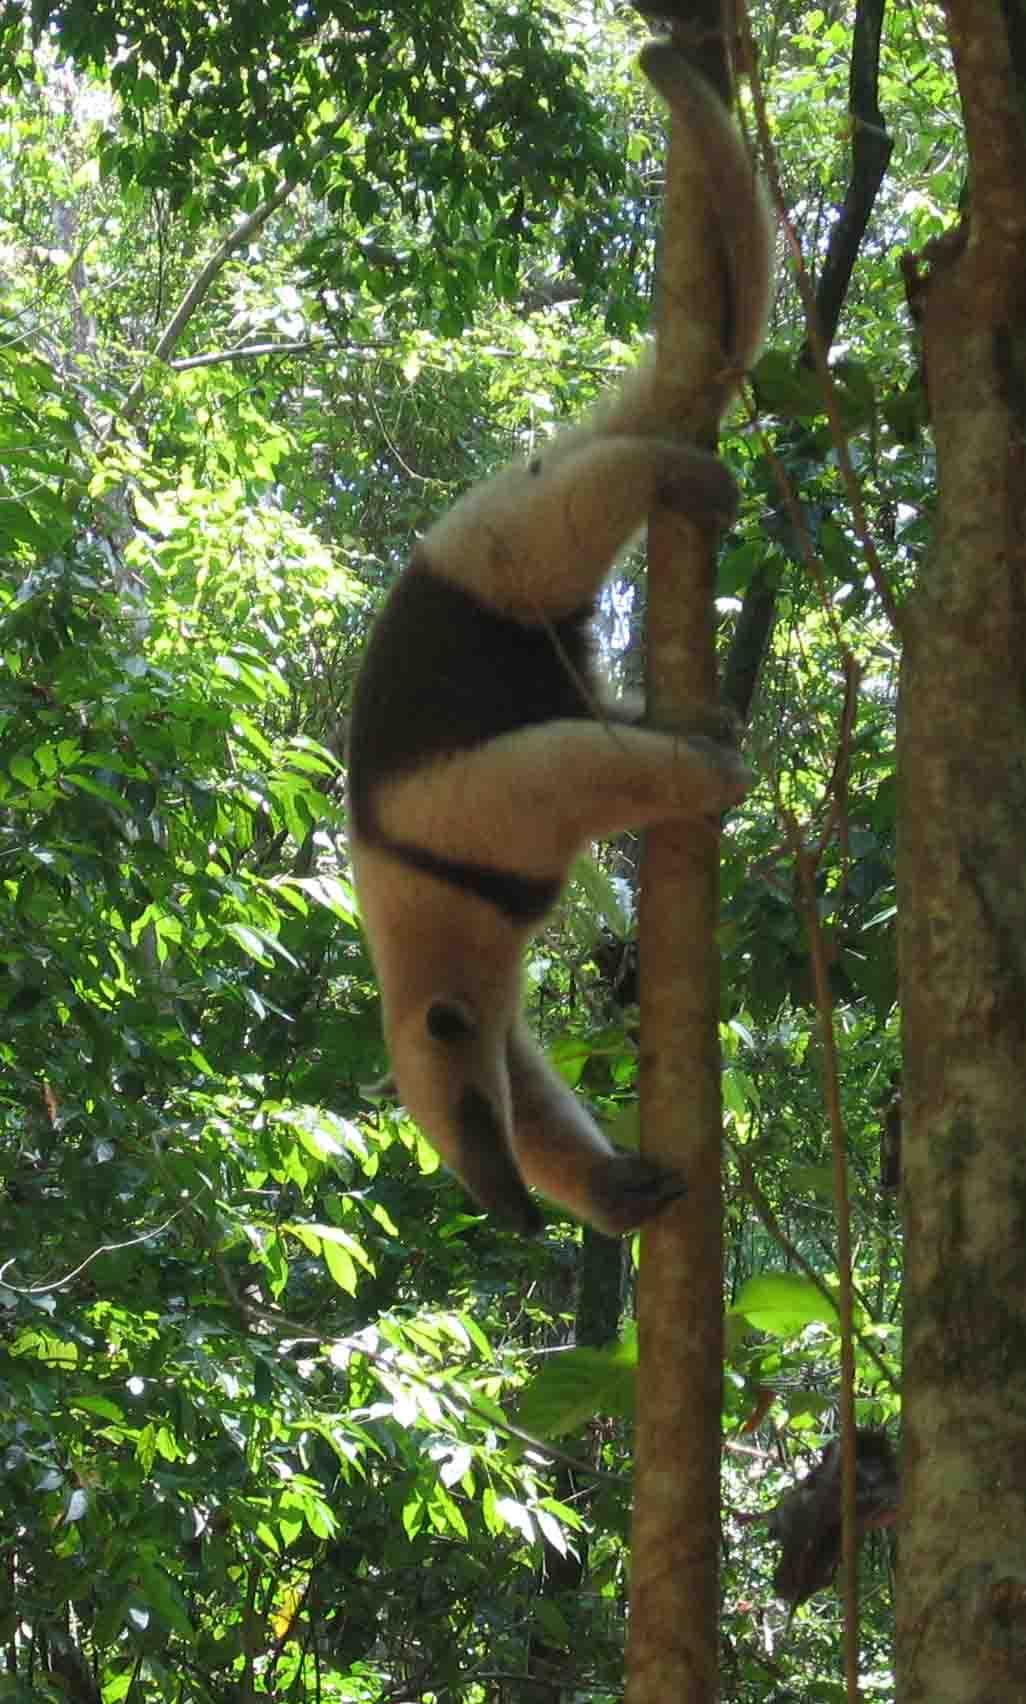 http://upload.wikimedia.org/wikipedia/commons/6/63/Tamandua_anteater_Costa_Rica.jpg